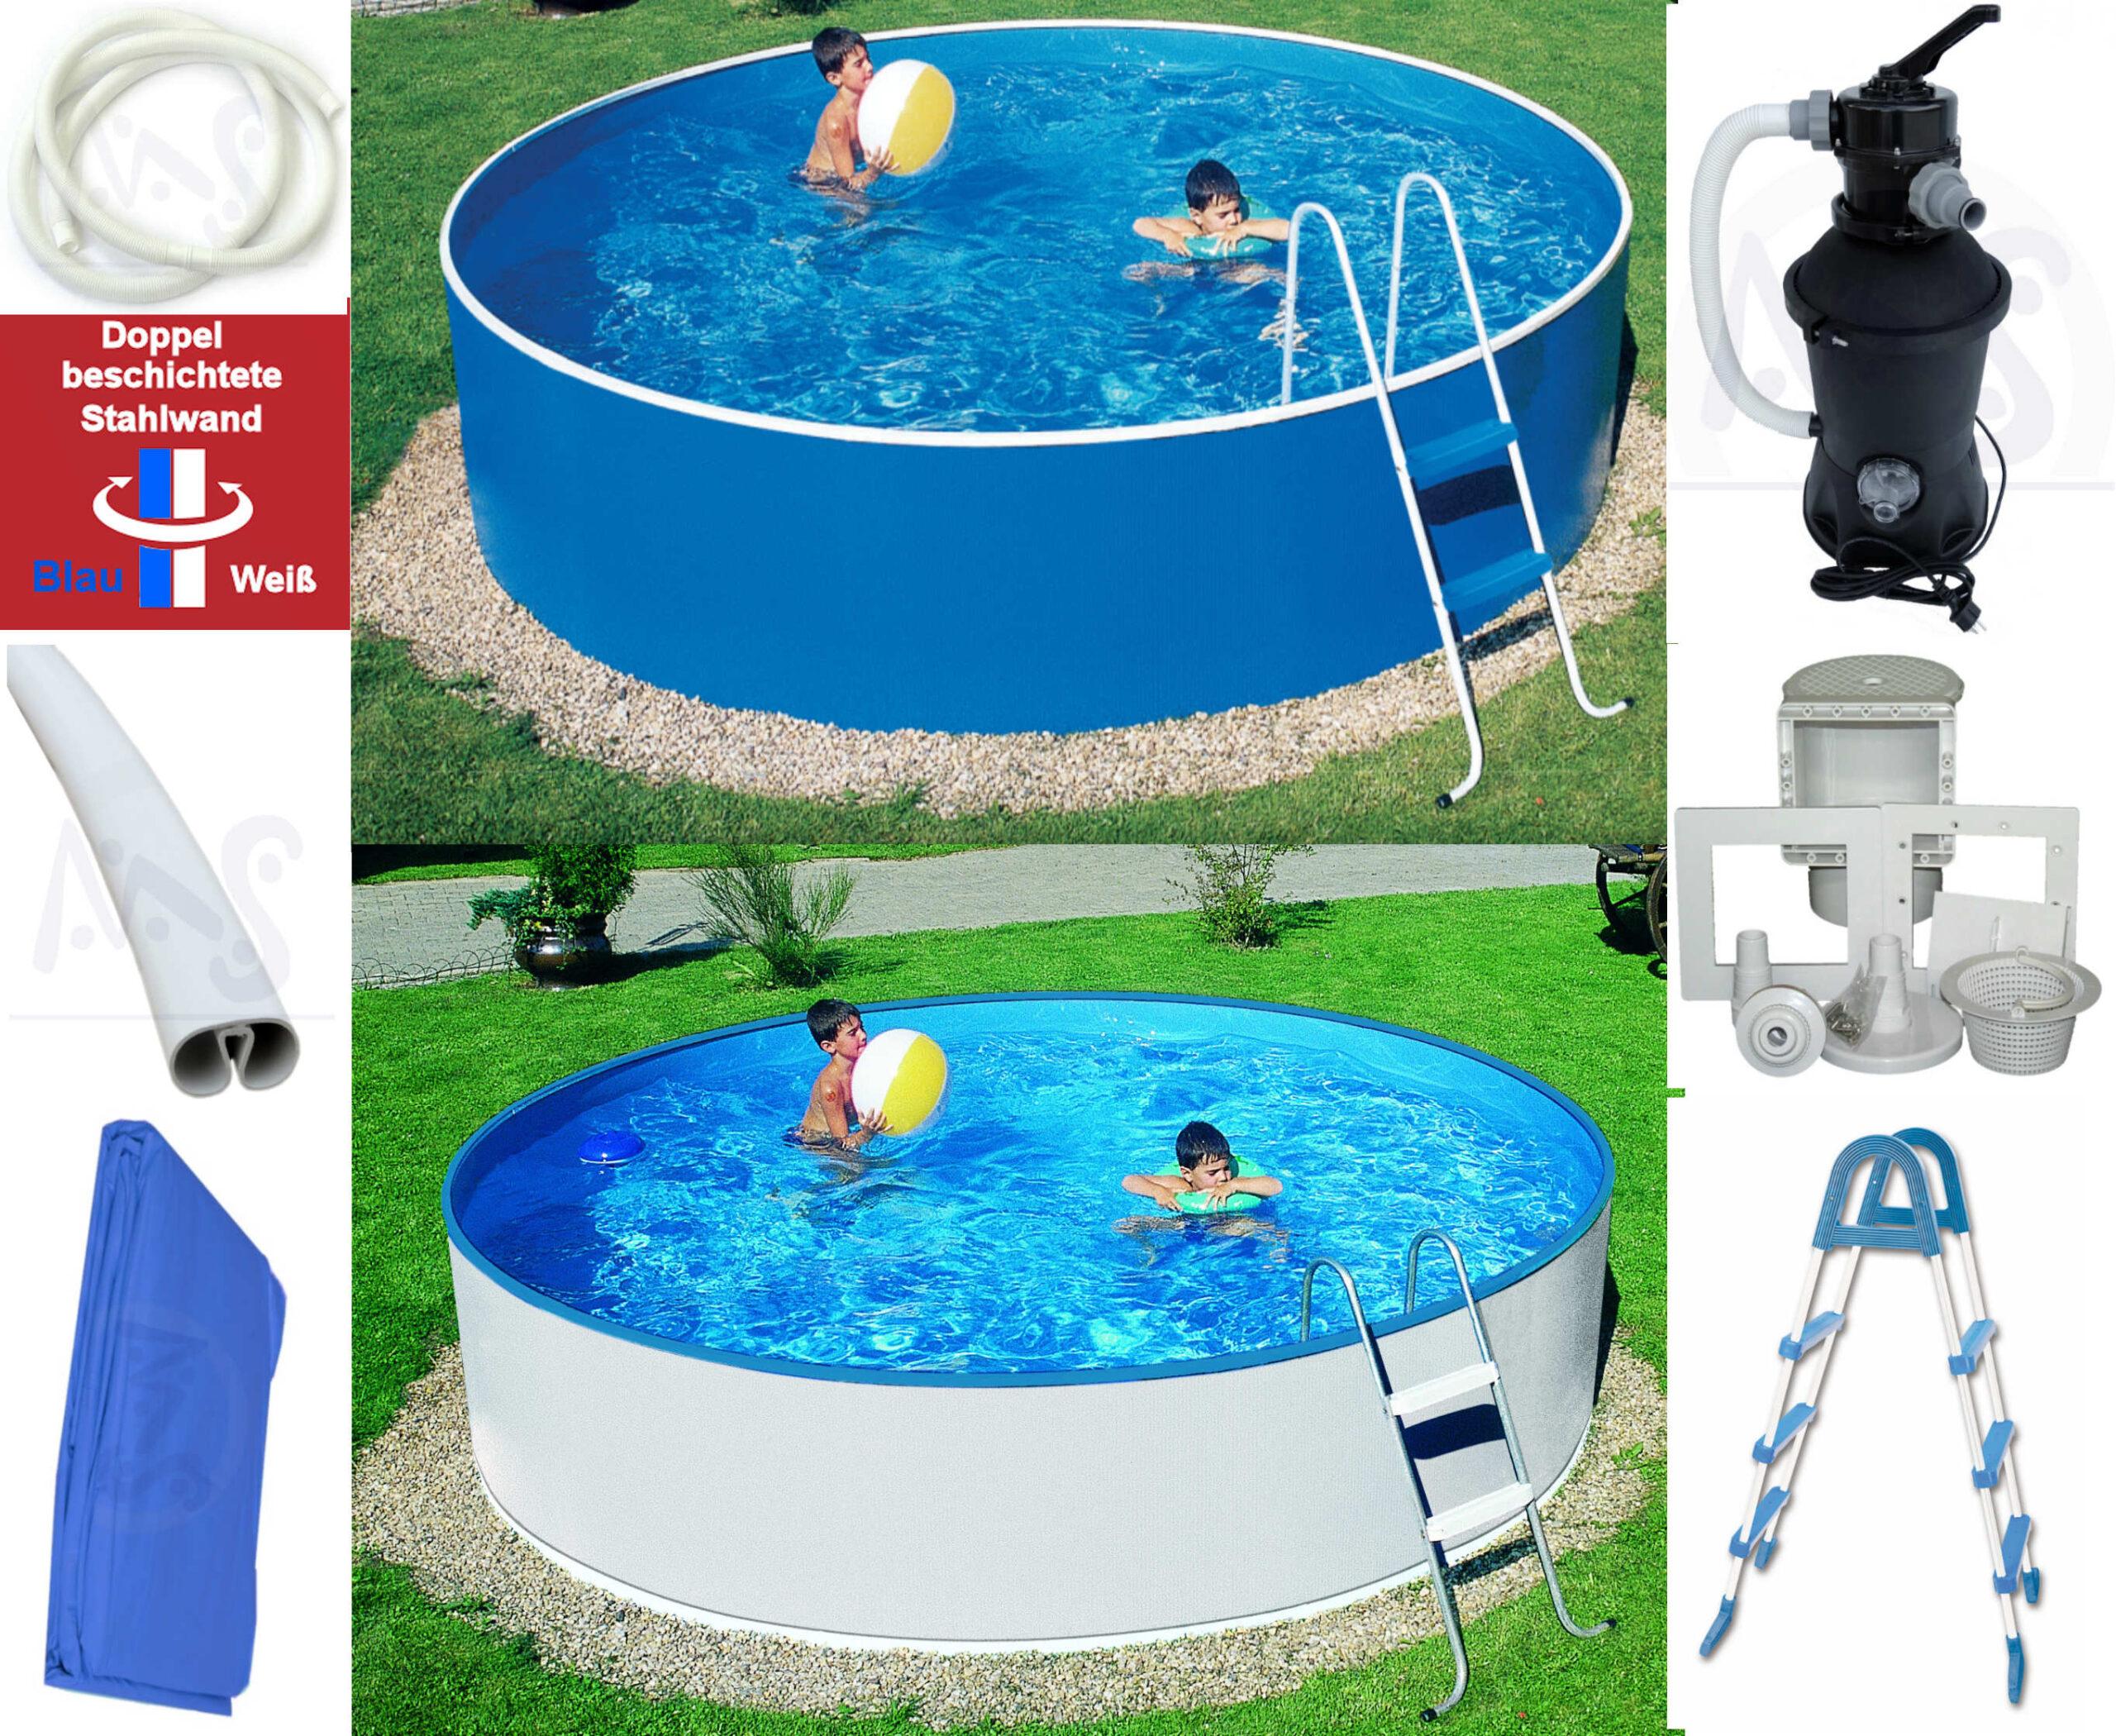 Full Size of Gebrauchte Gfk Pools Pool Schwimmbecken Swimmingpool 3 Betten Küche Verkaufen Fenster Kaufen Regale Einbauküche Wohnzimmer Gebrauchte Gfk Pools